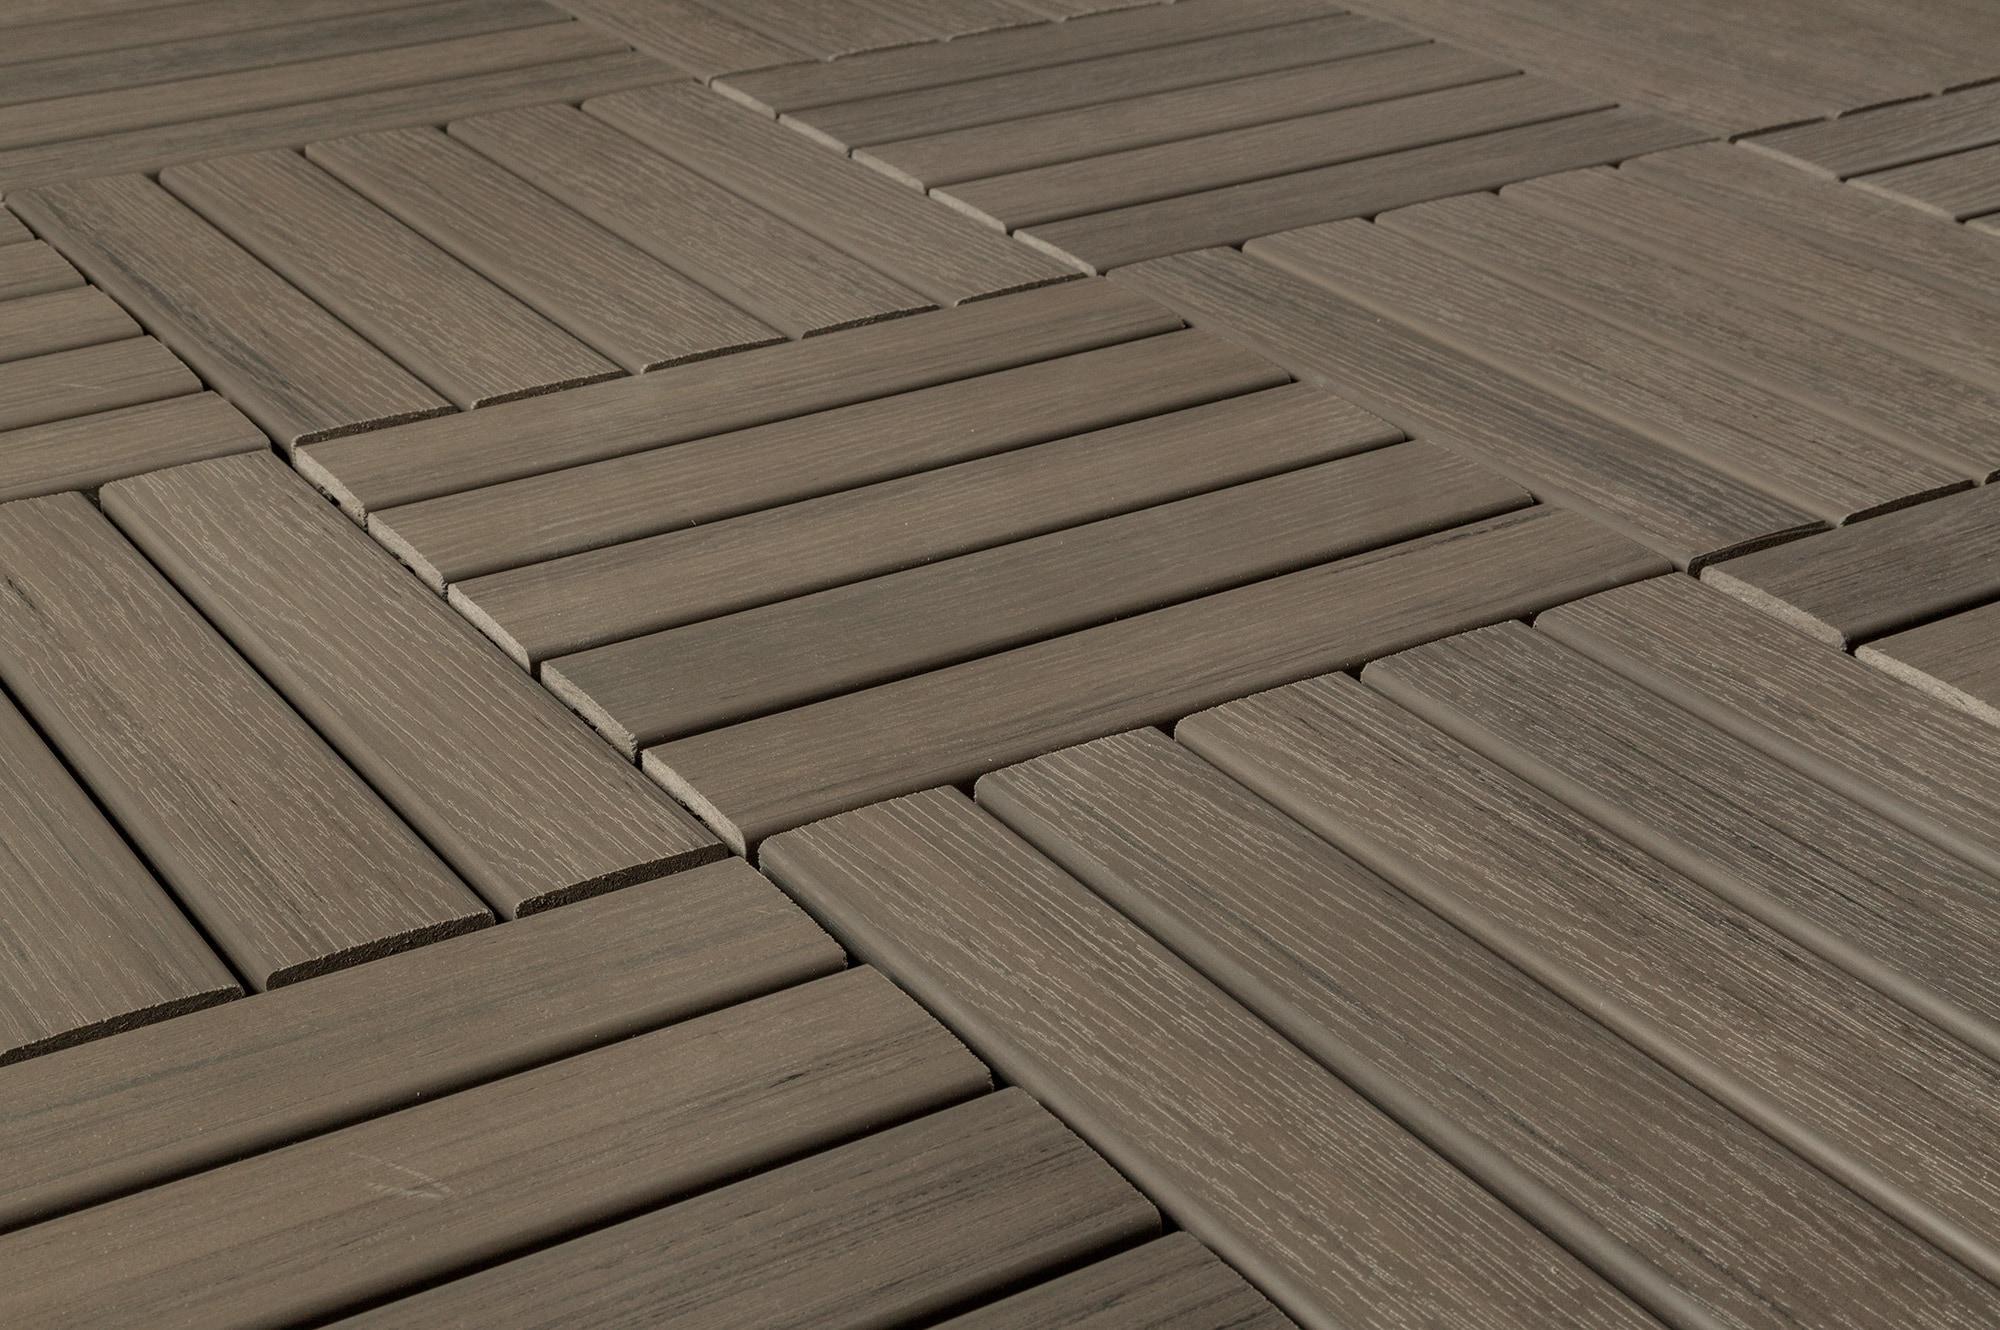 Vinyl tile vinyl flooring amp resilient flooring flooring interlocking floor tiles interlocking - How to install interlocking deck tiles ...